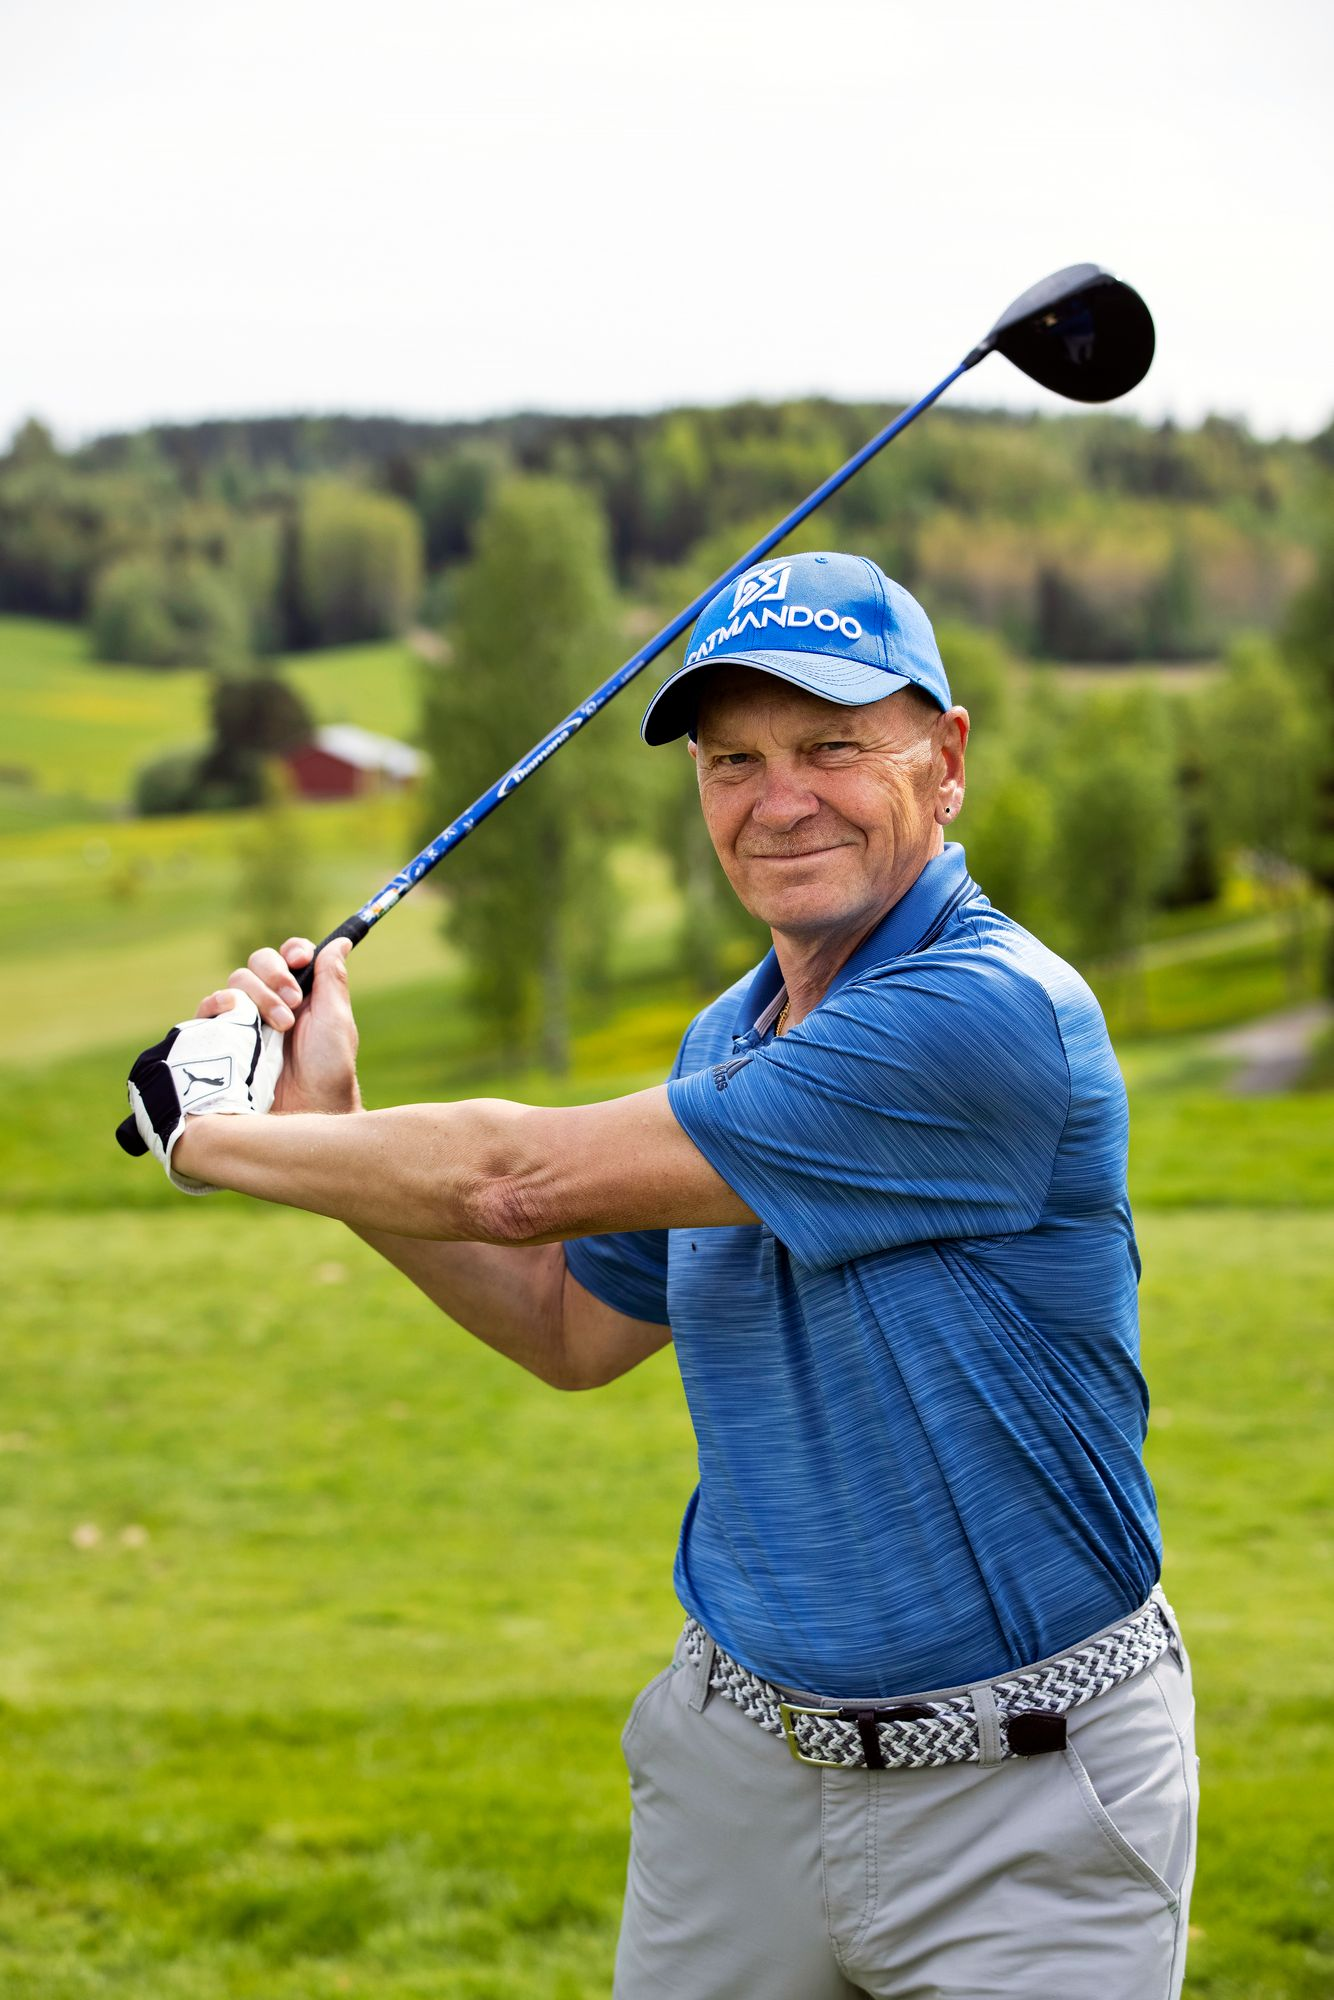 Kirjailija Jukka Paakki otaksuu, että hänen ja Mannerheimin välille olisi syntynyt tasaväkinen golfmittelö. © Tommi Tuomi